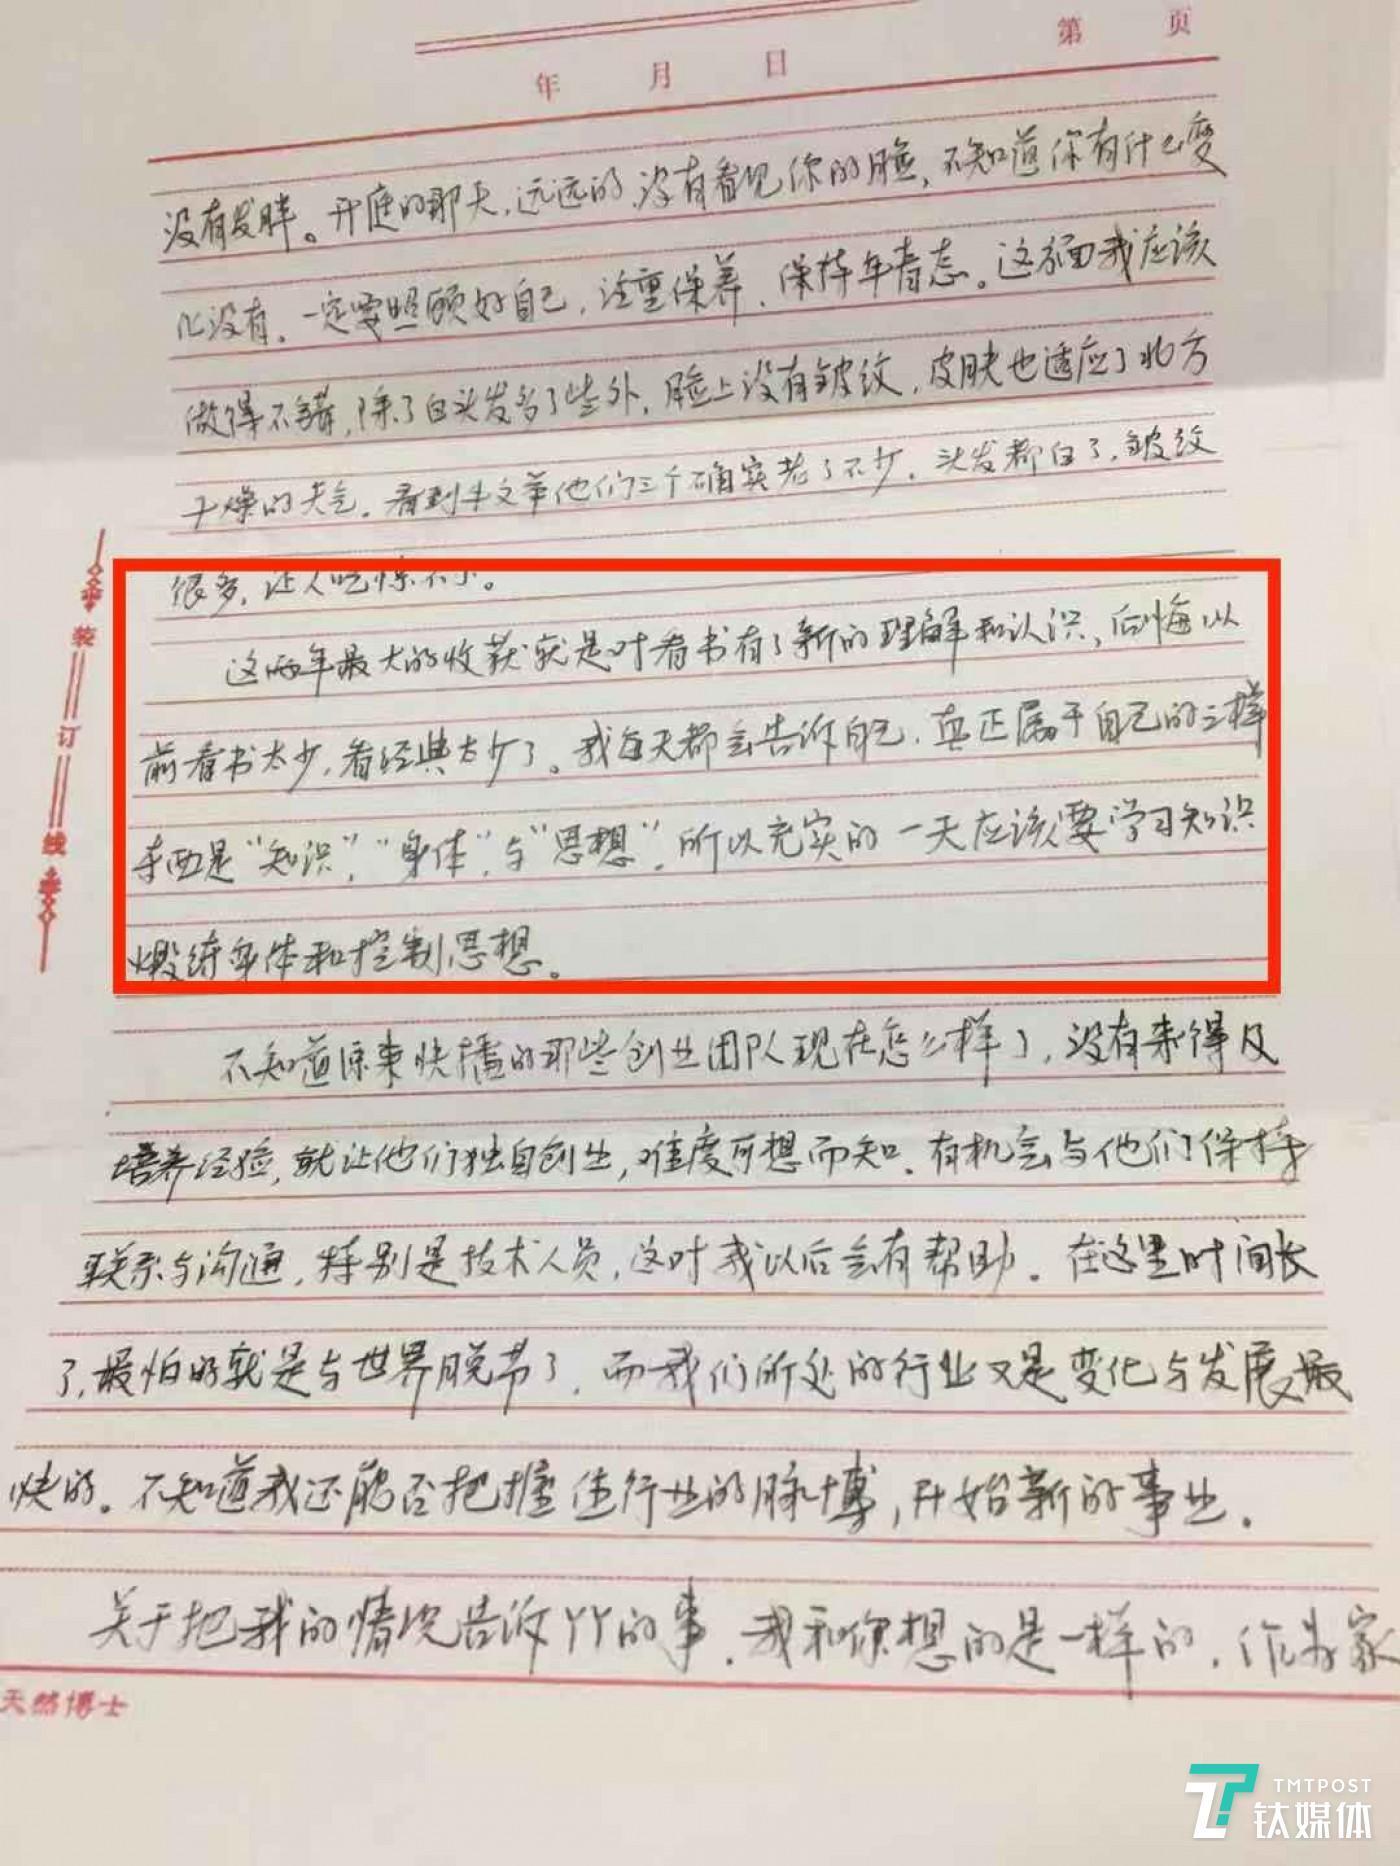 王欣写给妻子的信件